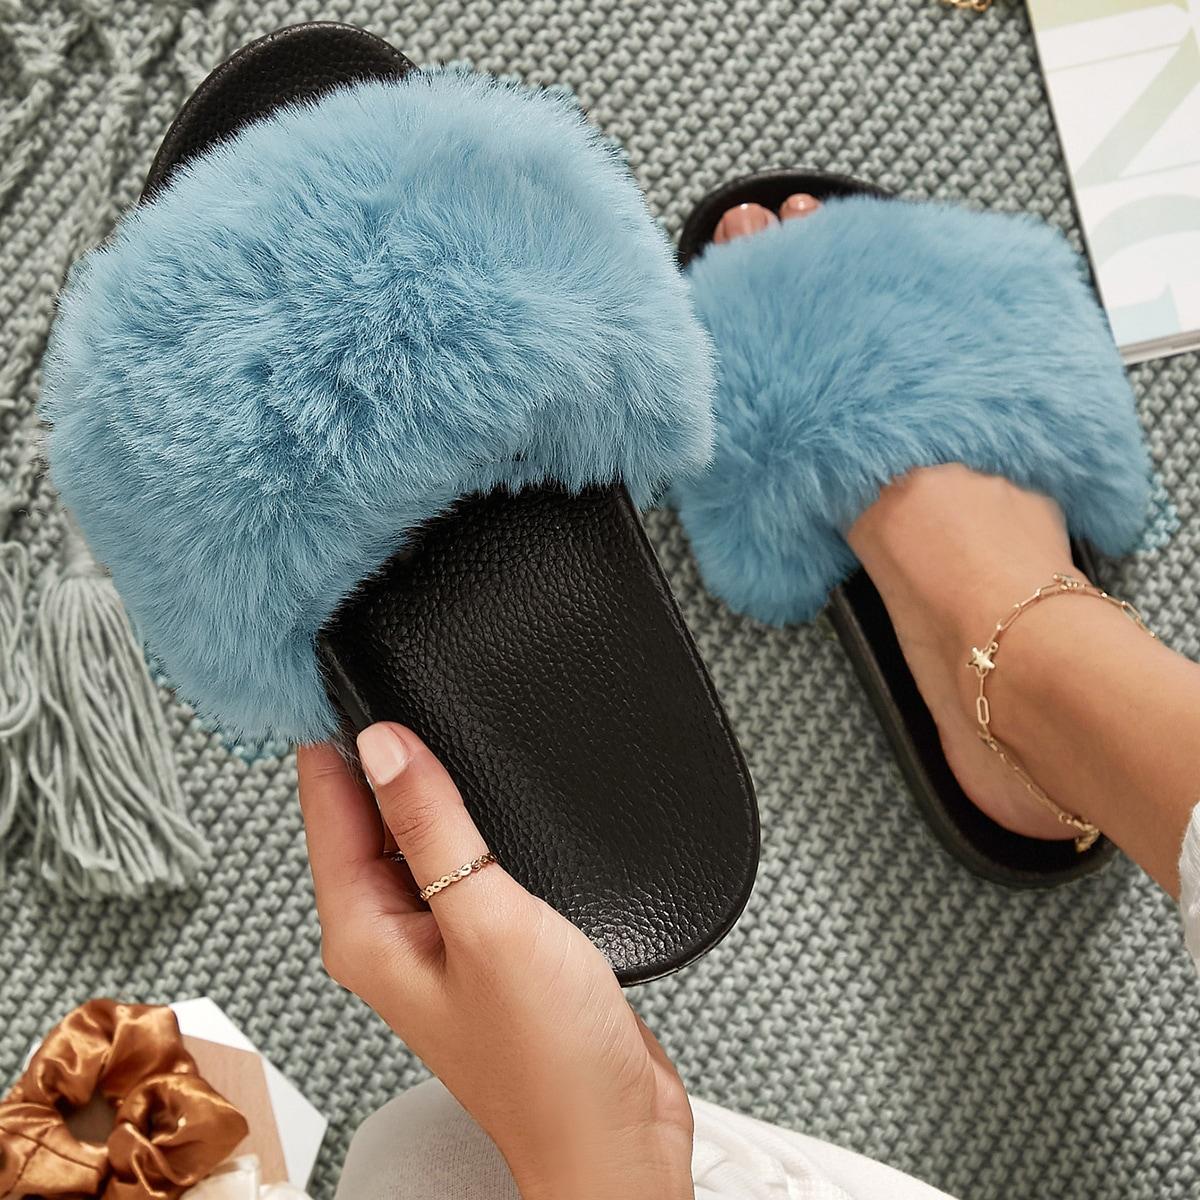 SHEIN / Fuzzy Faux Fur Vamp Open-Toe Slippers